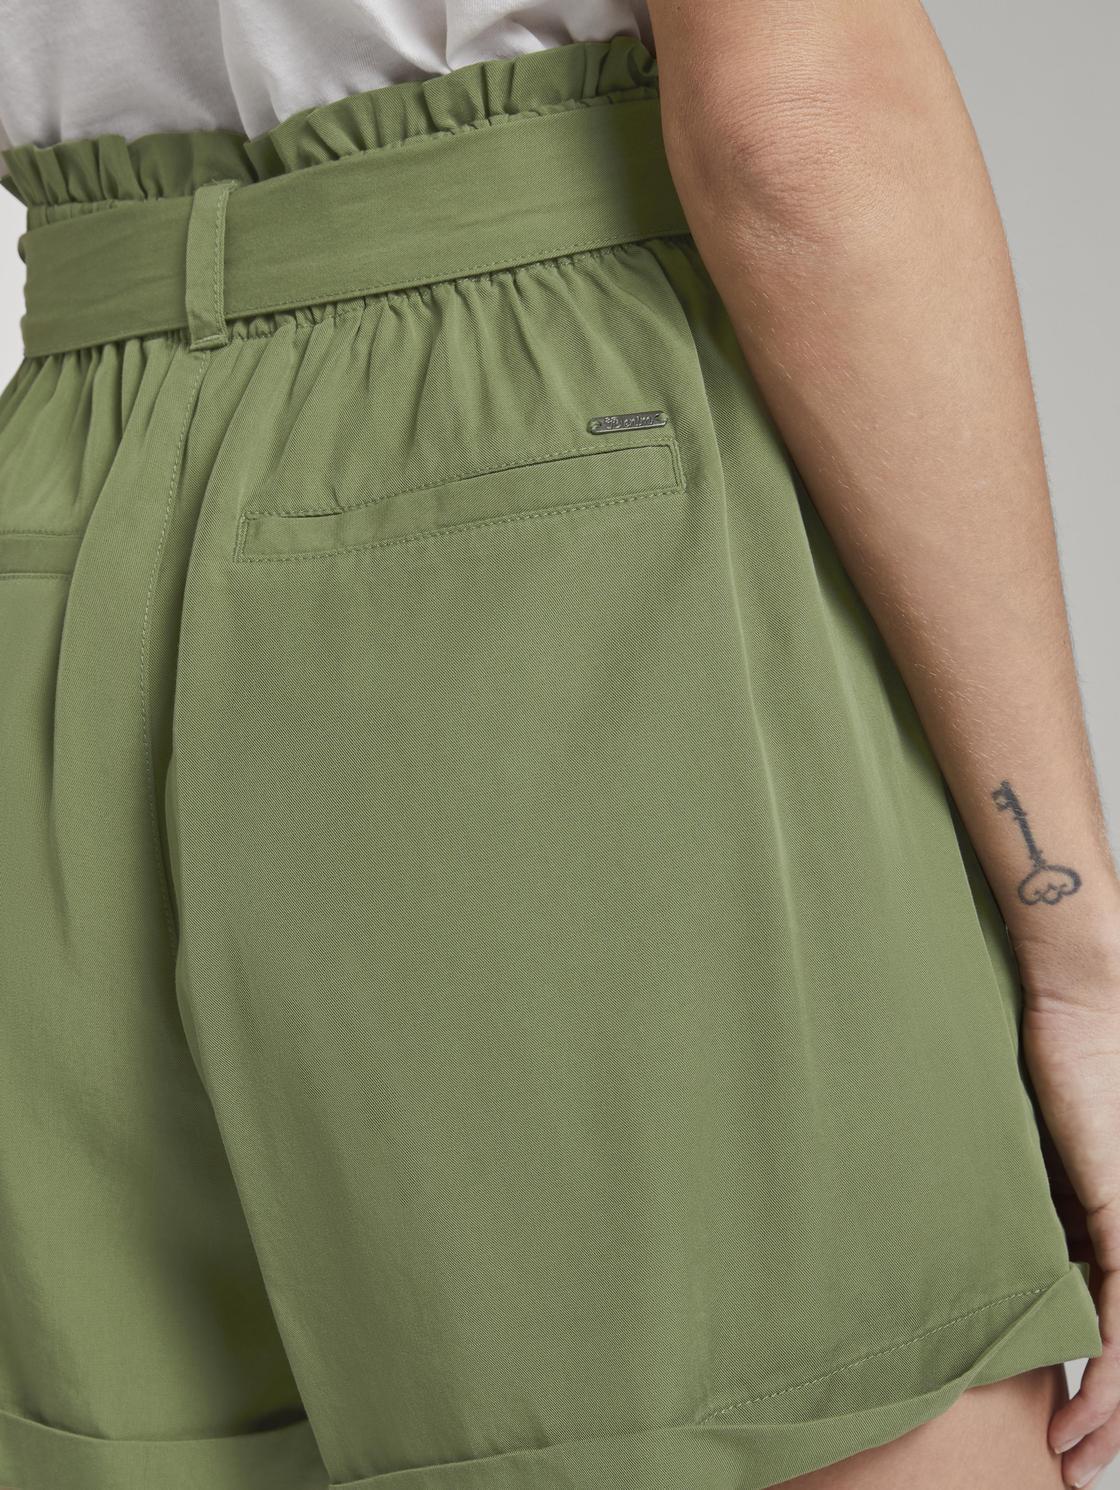 Lyocel shorts shorts lois shorts